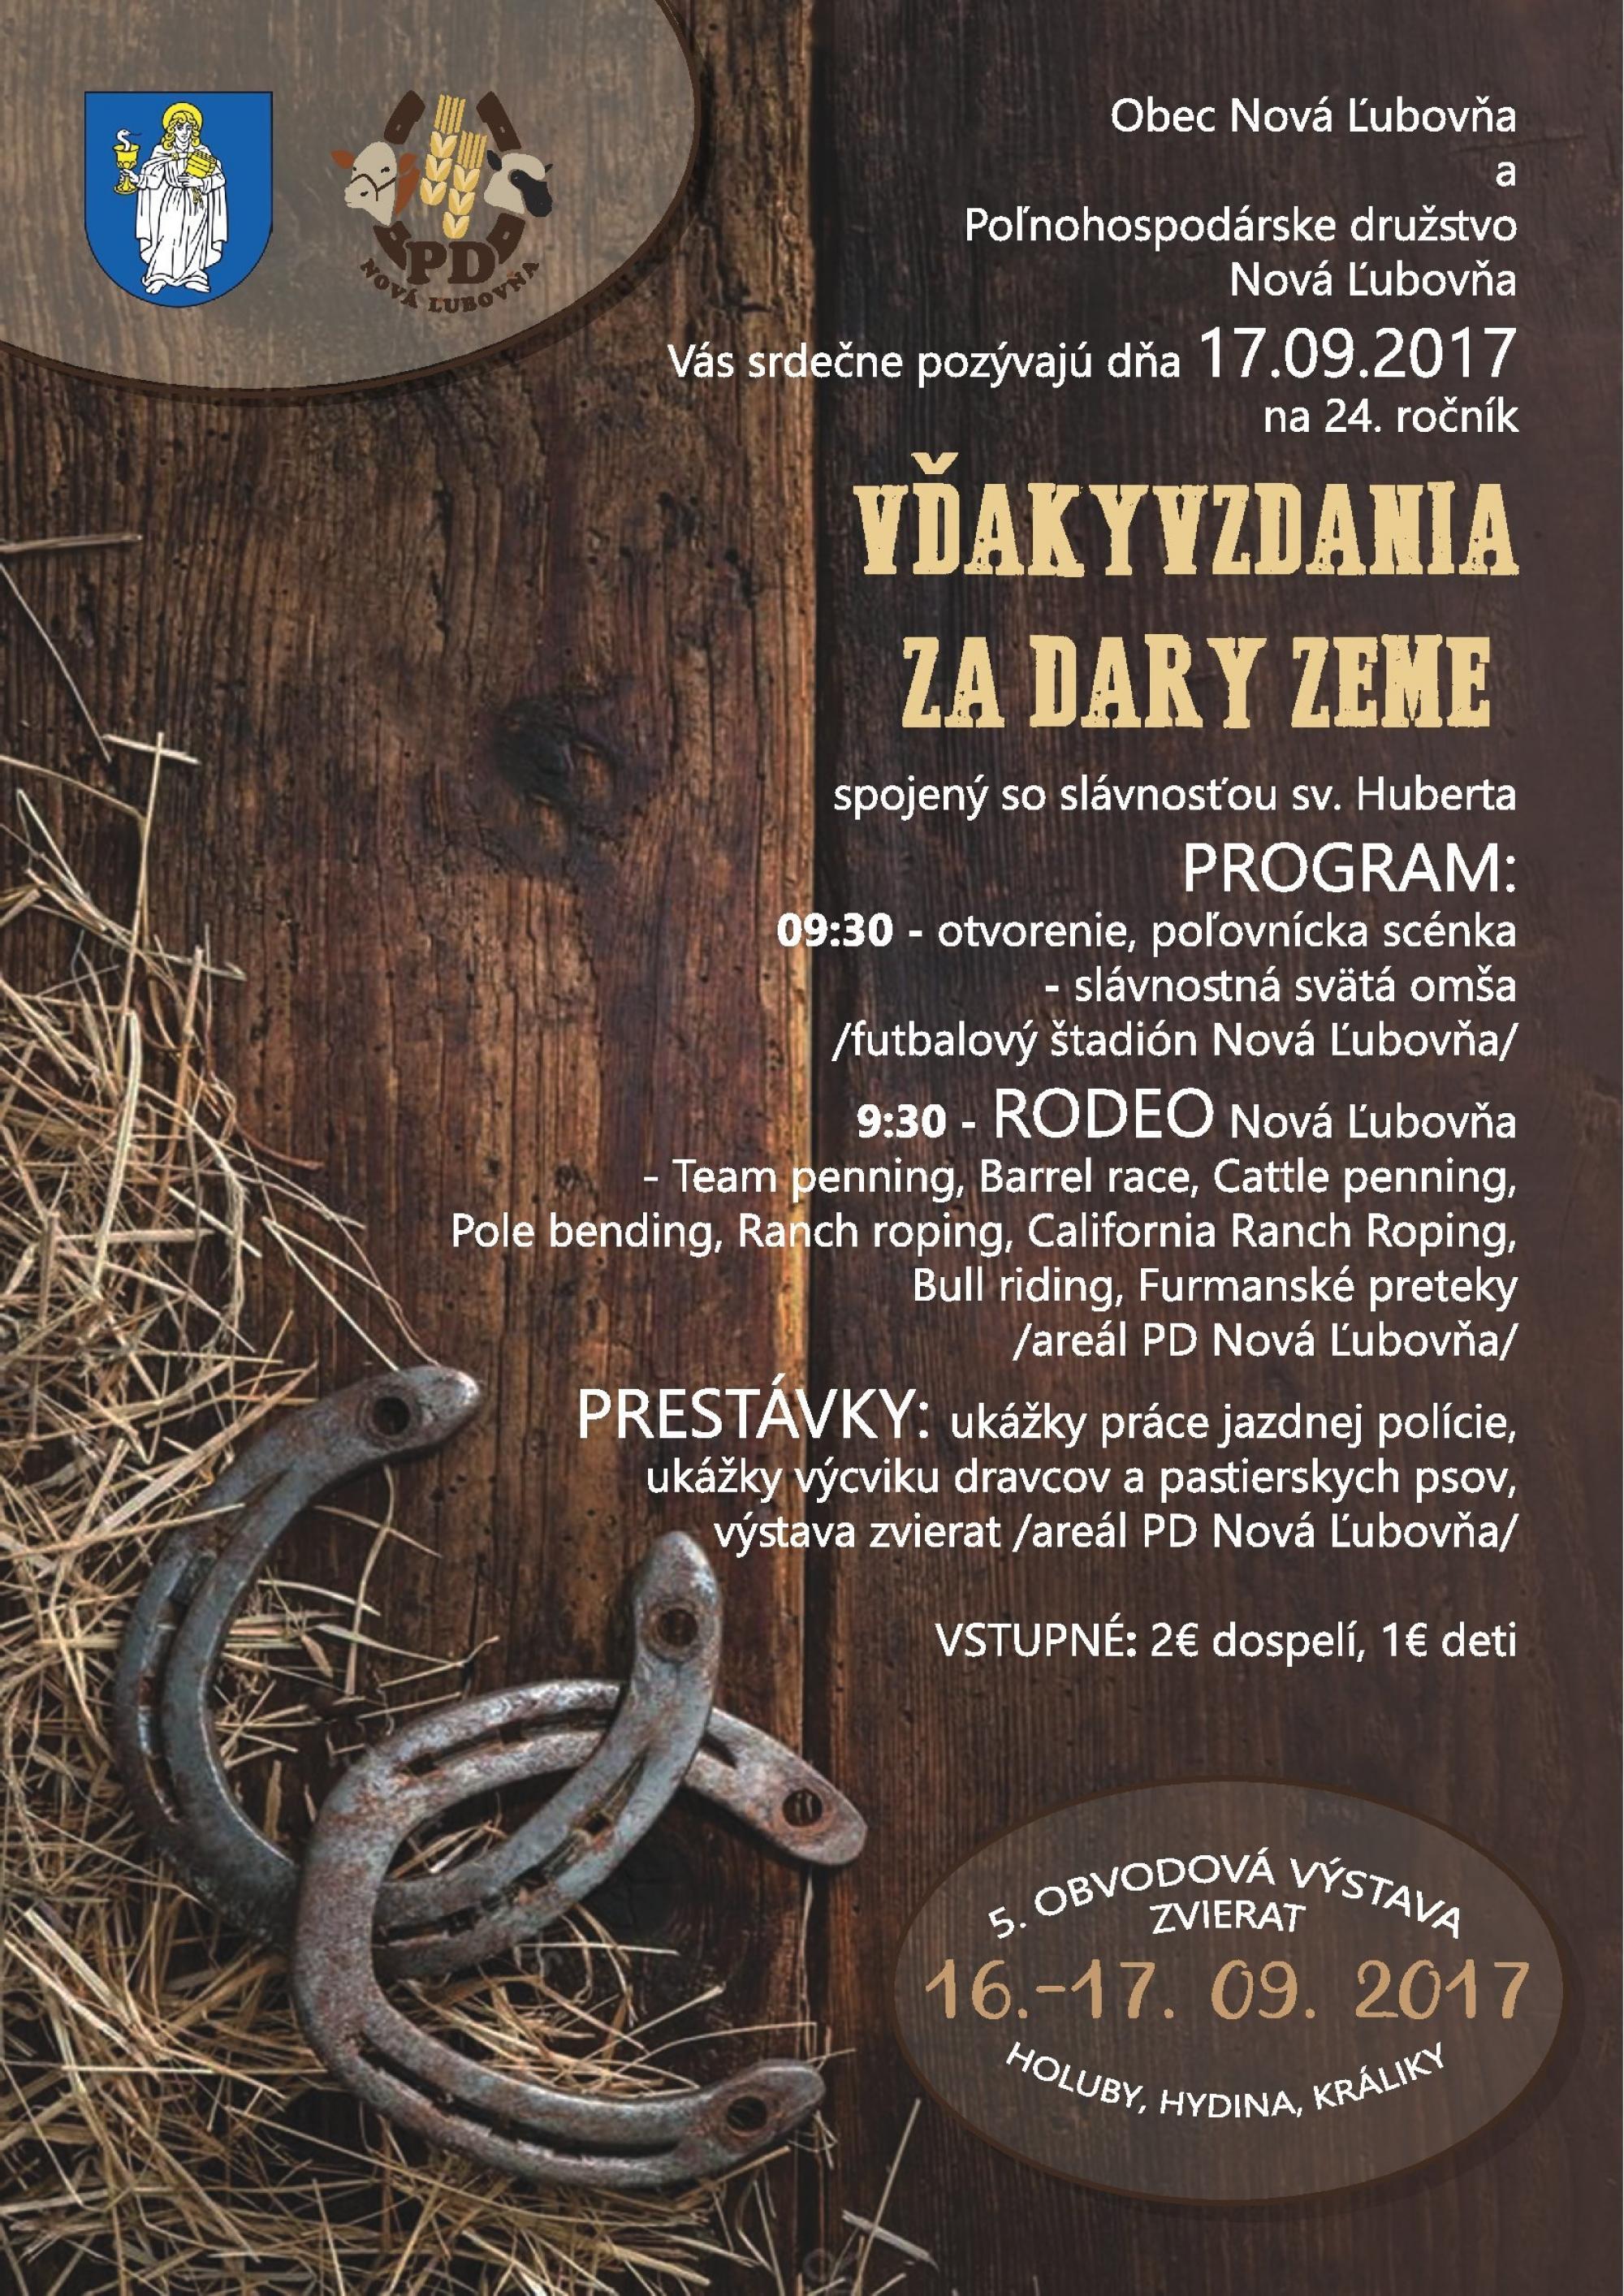 201708302138080.v-akyvzdania-za-dary-zeme-17-9-2017